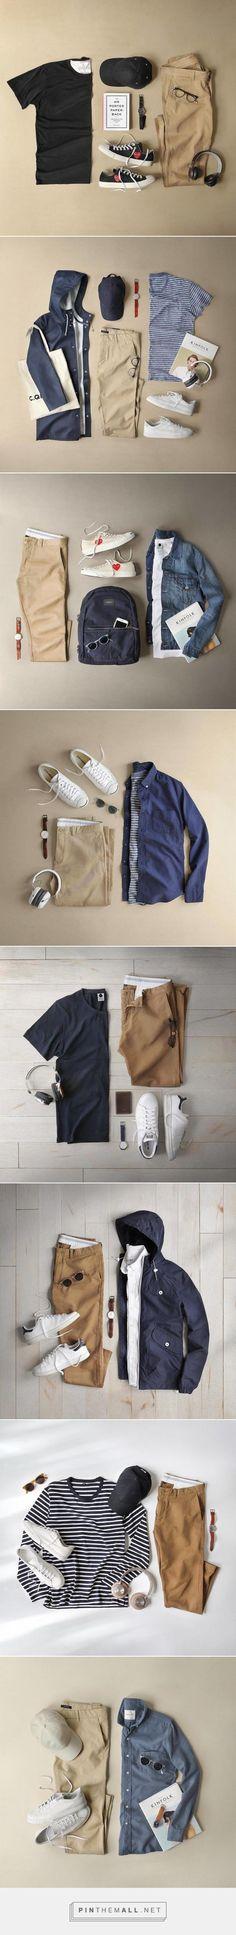 How To Wear Khaki CHINOS for men. #mensfashion